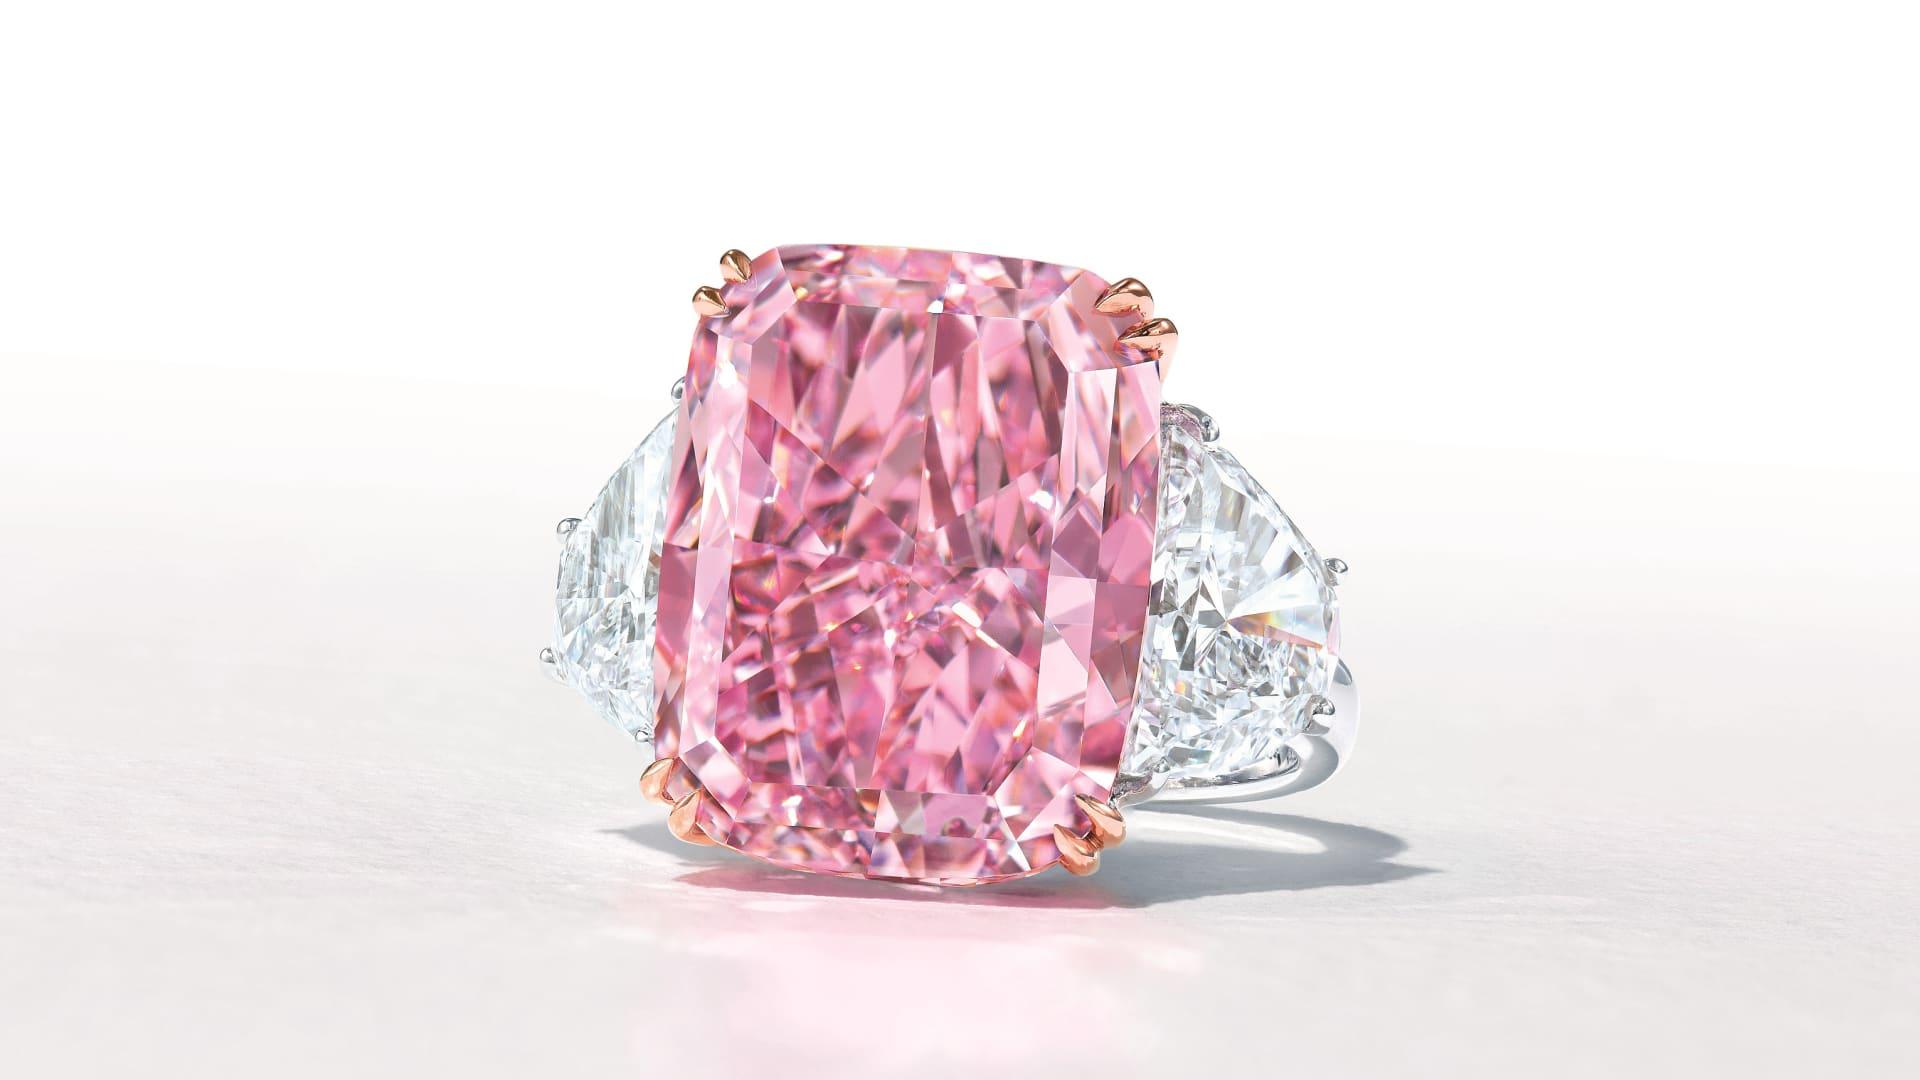 قد تباع هذه الماسة النادرة ذات اللون البنفسجي الوردي مقابل 38 مليون دولار في مزاد